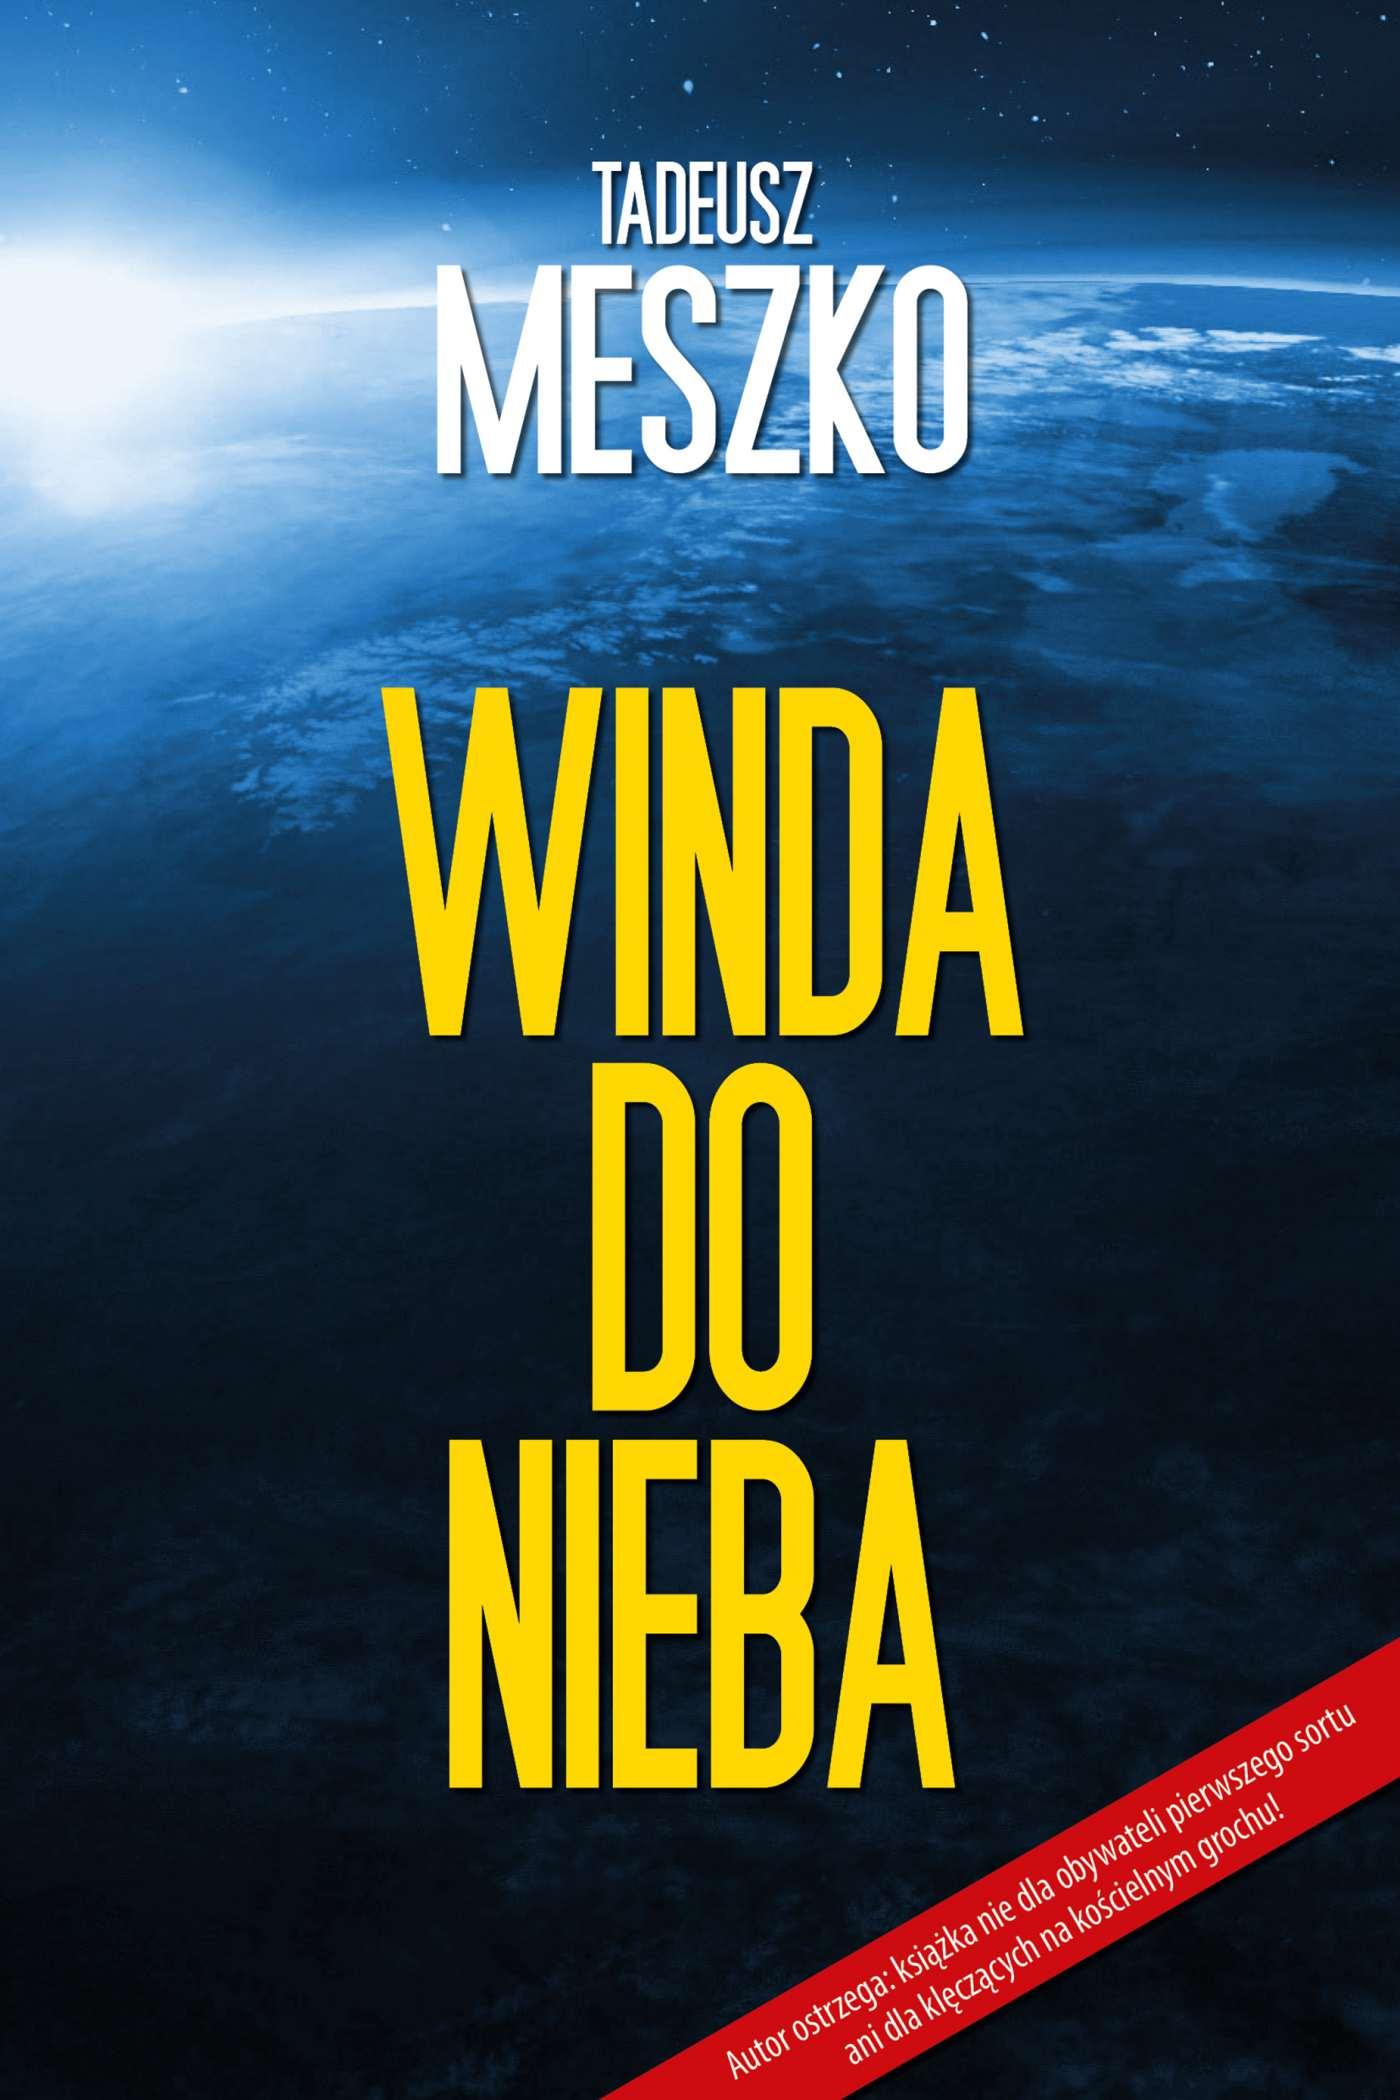 Winda do nieba - Ebook (Książka PDF) do pobrania w formacie PDF